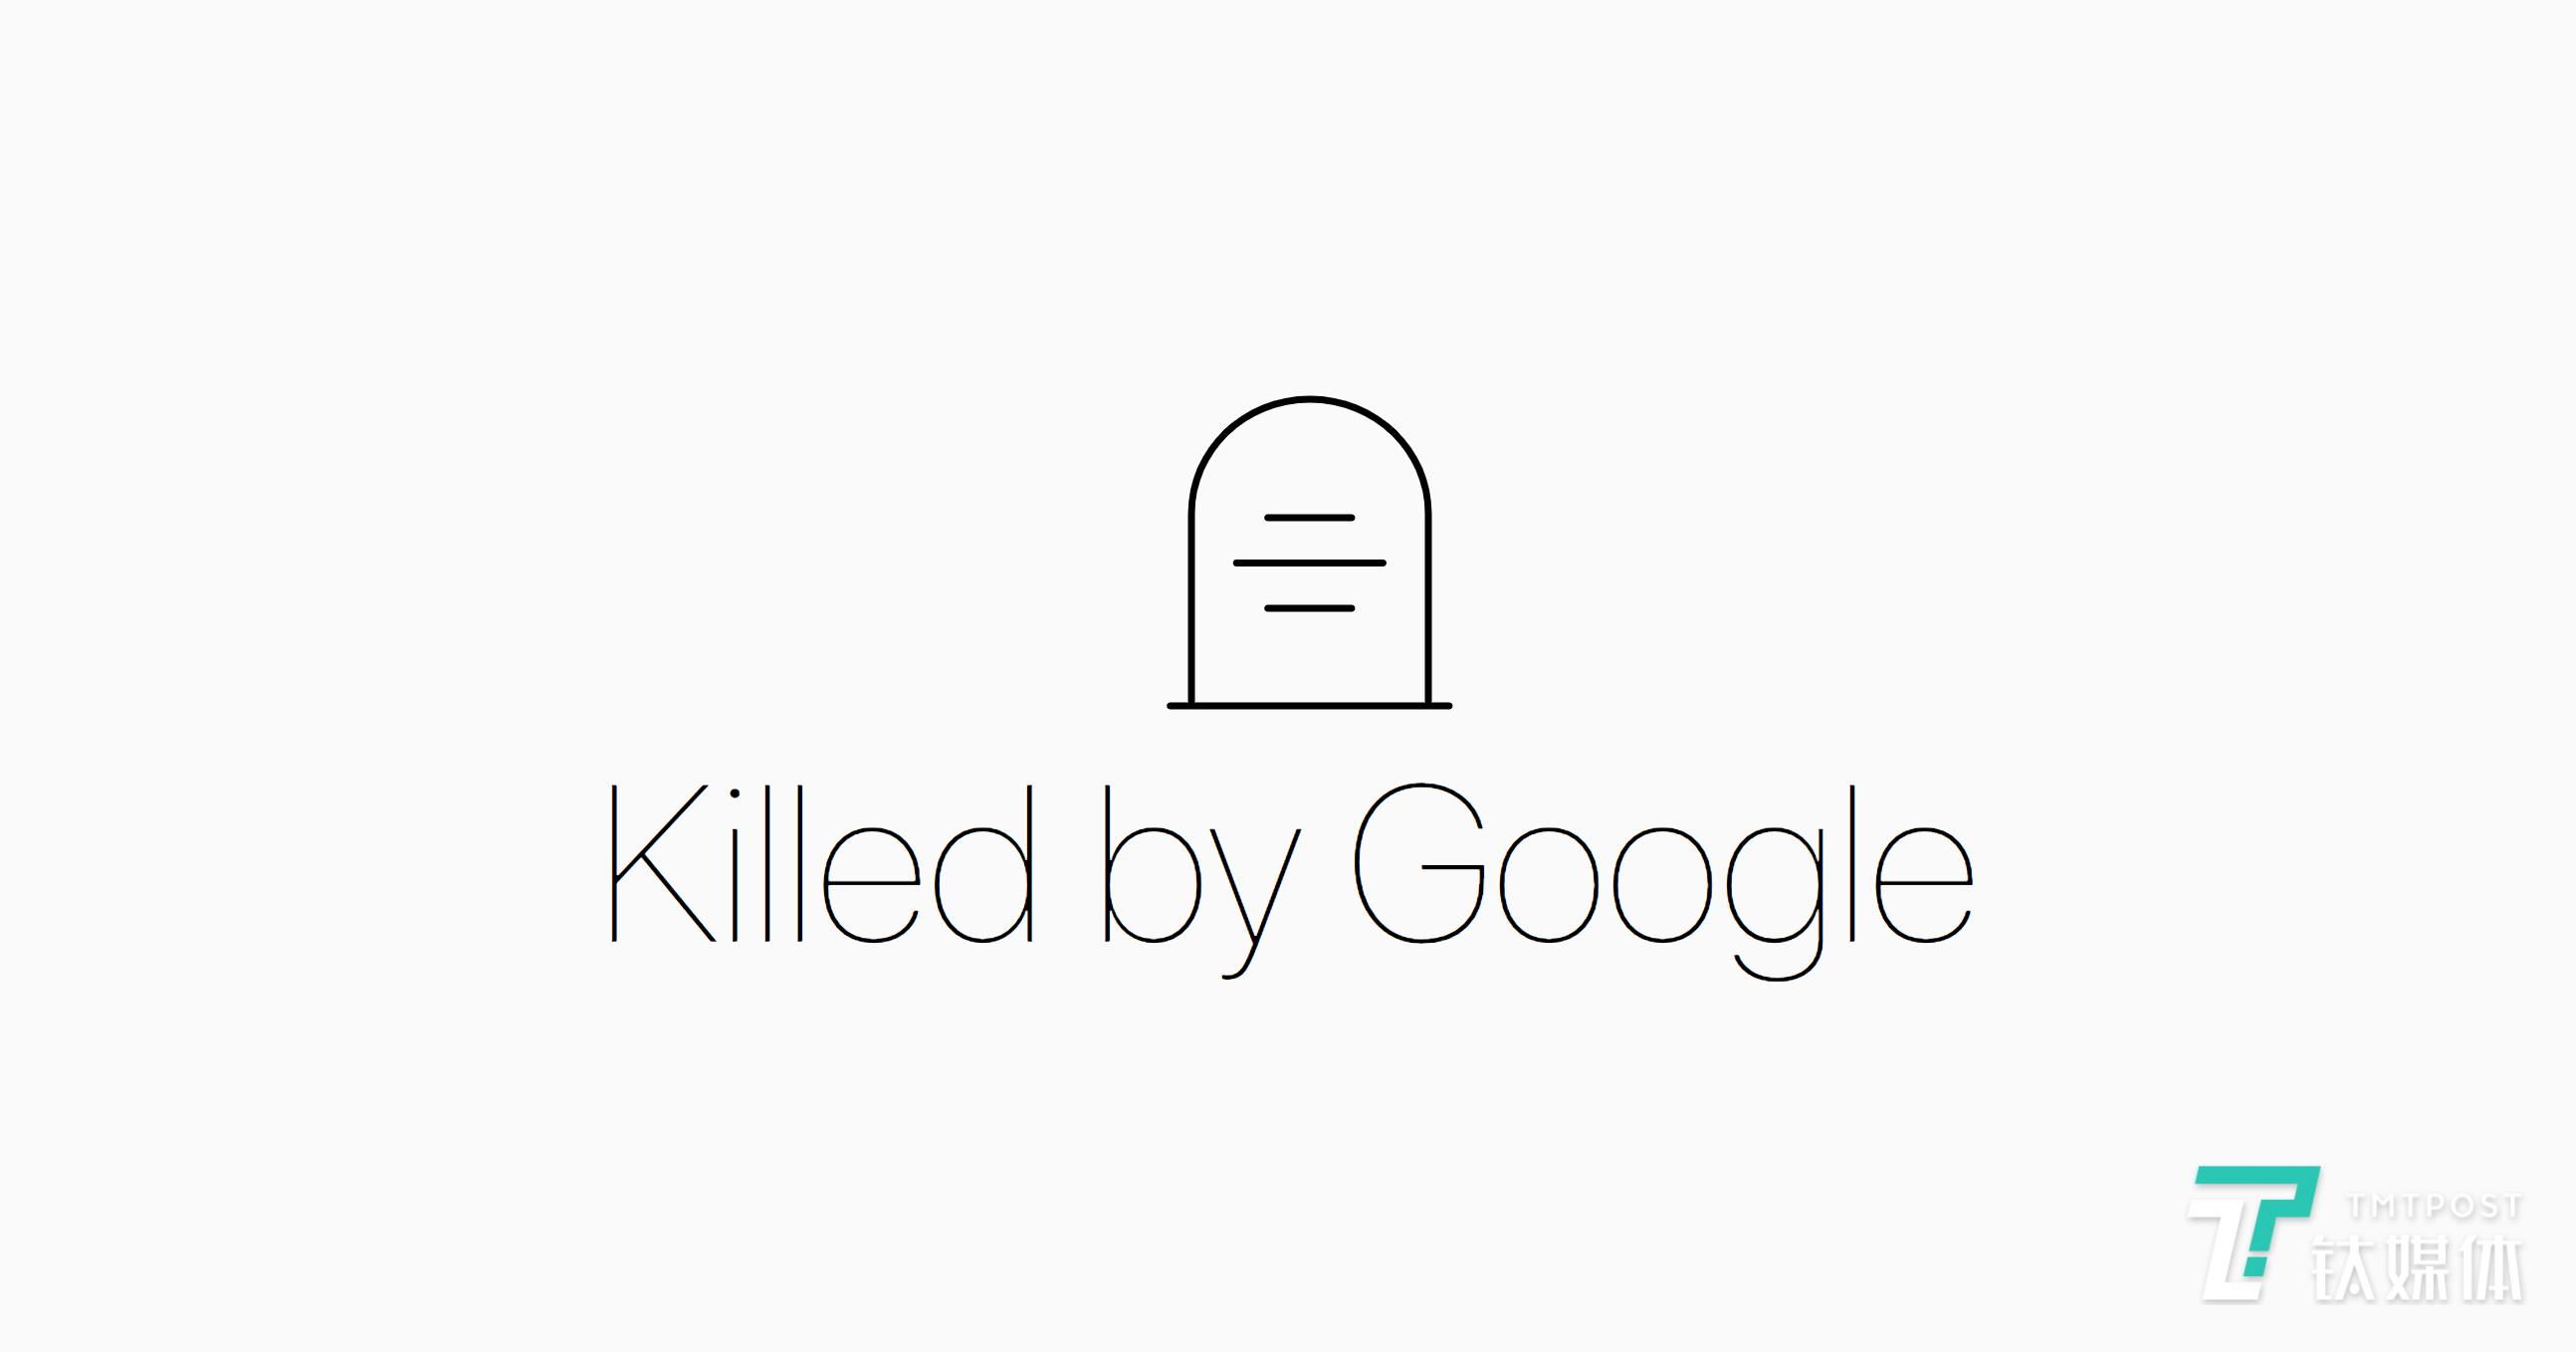 再也不见,Google正式关停Google+和Inbox   4月3日坏消息榜